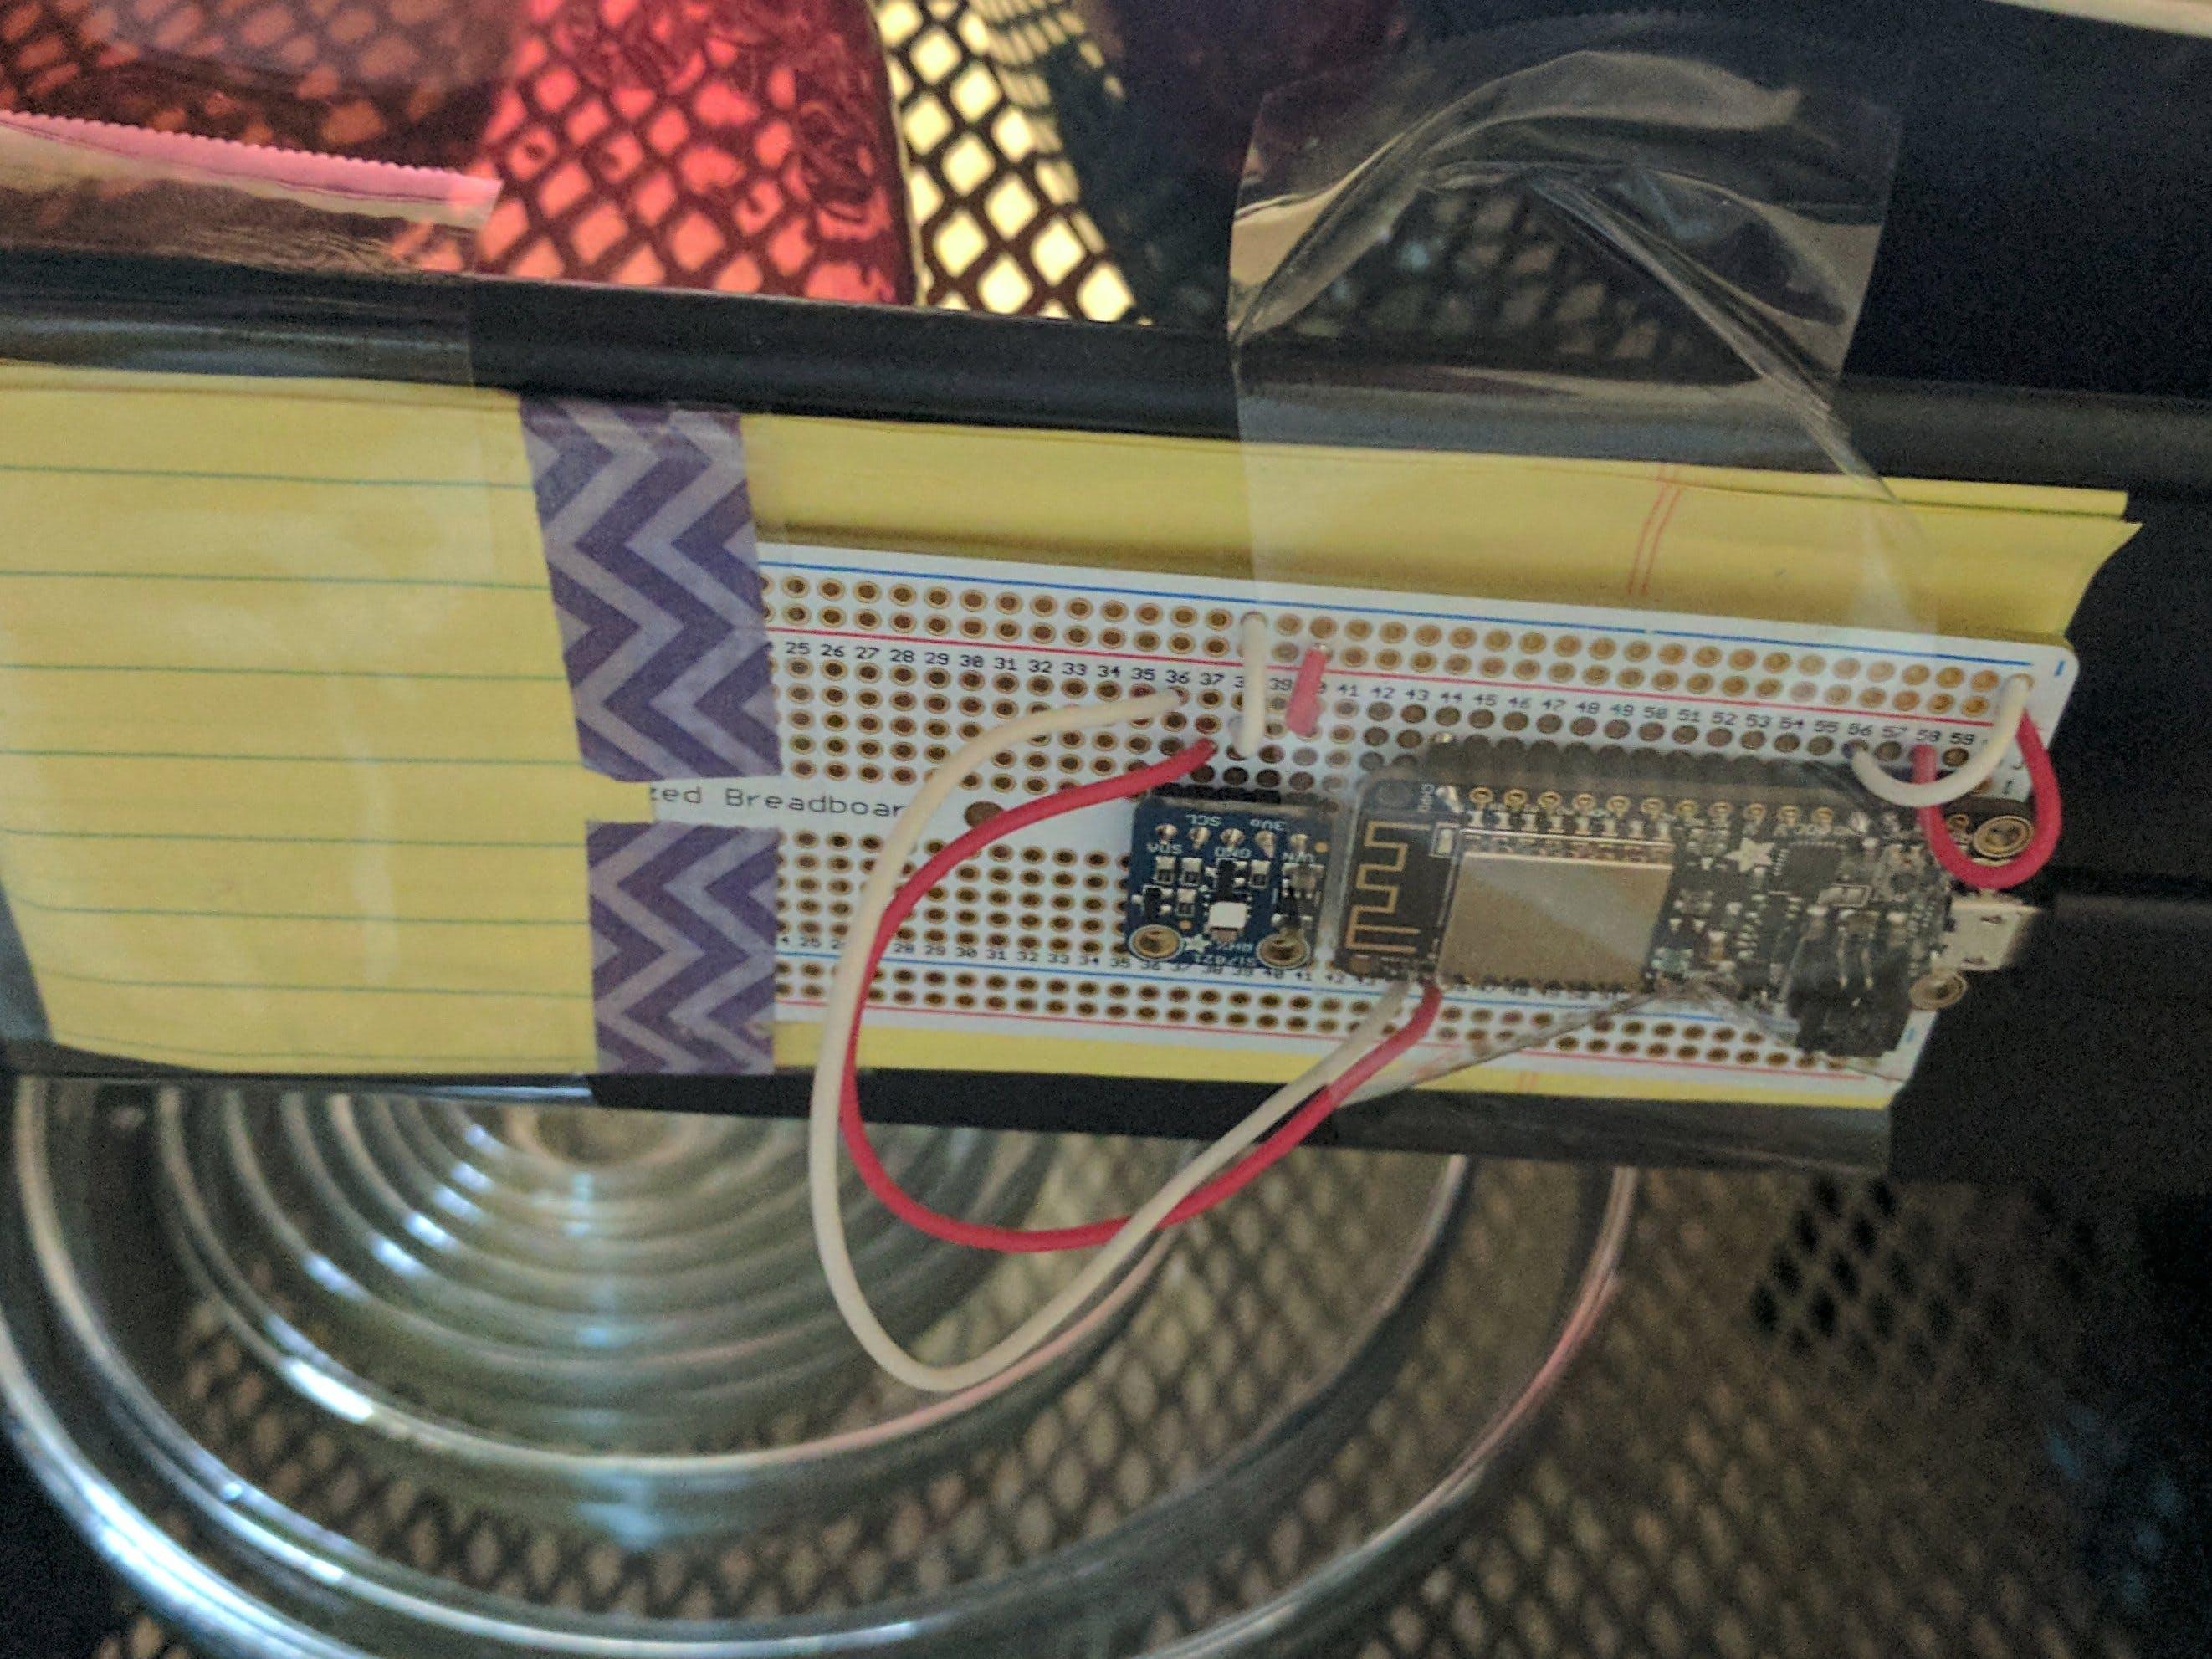 Adafruit Huzzah Humidifier/Dehumidifier Controller